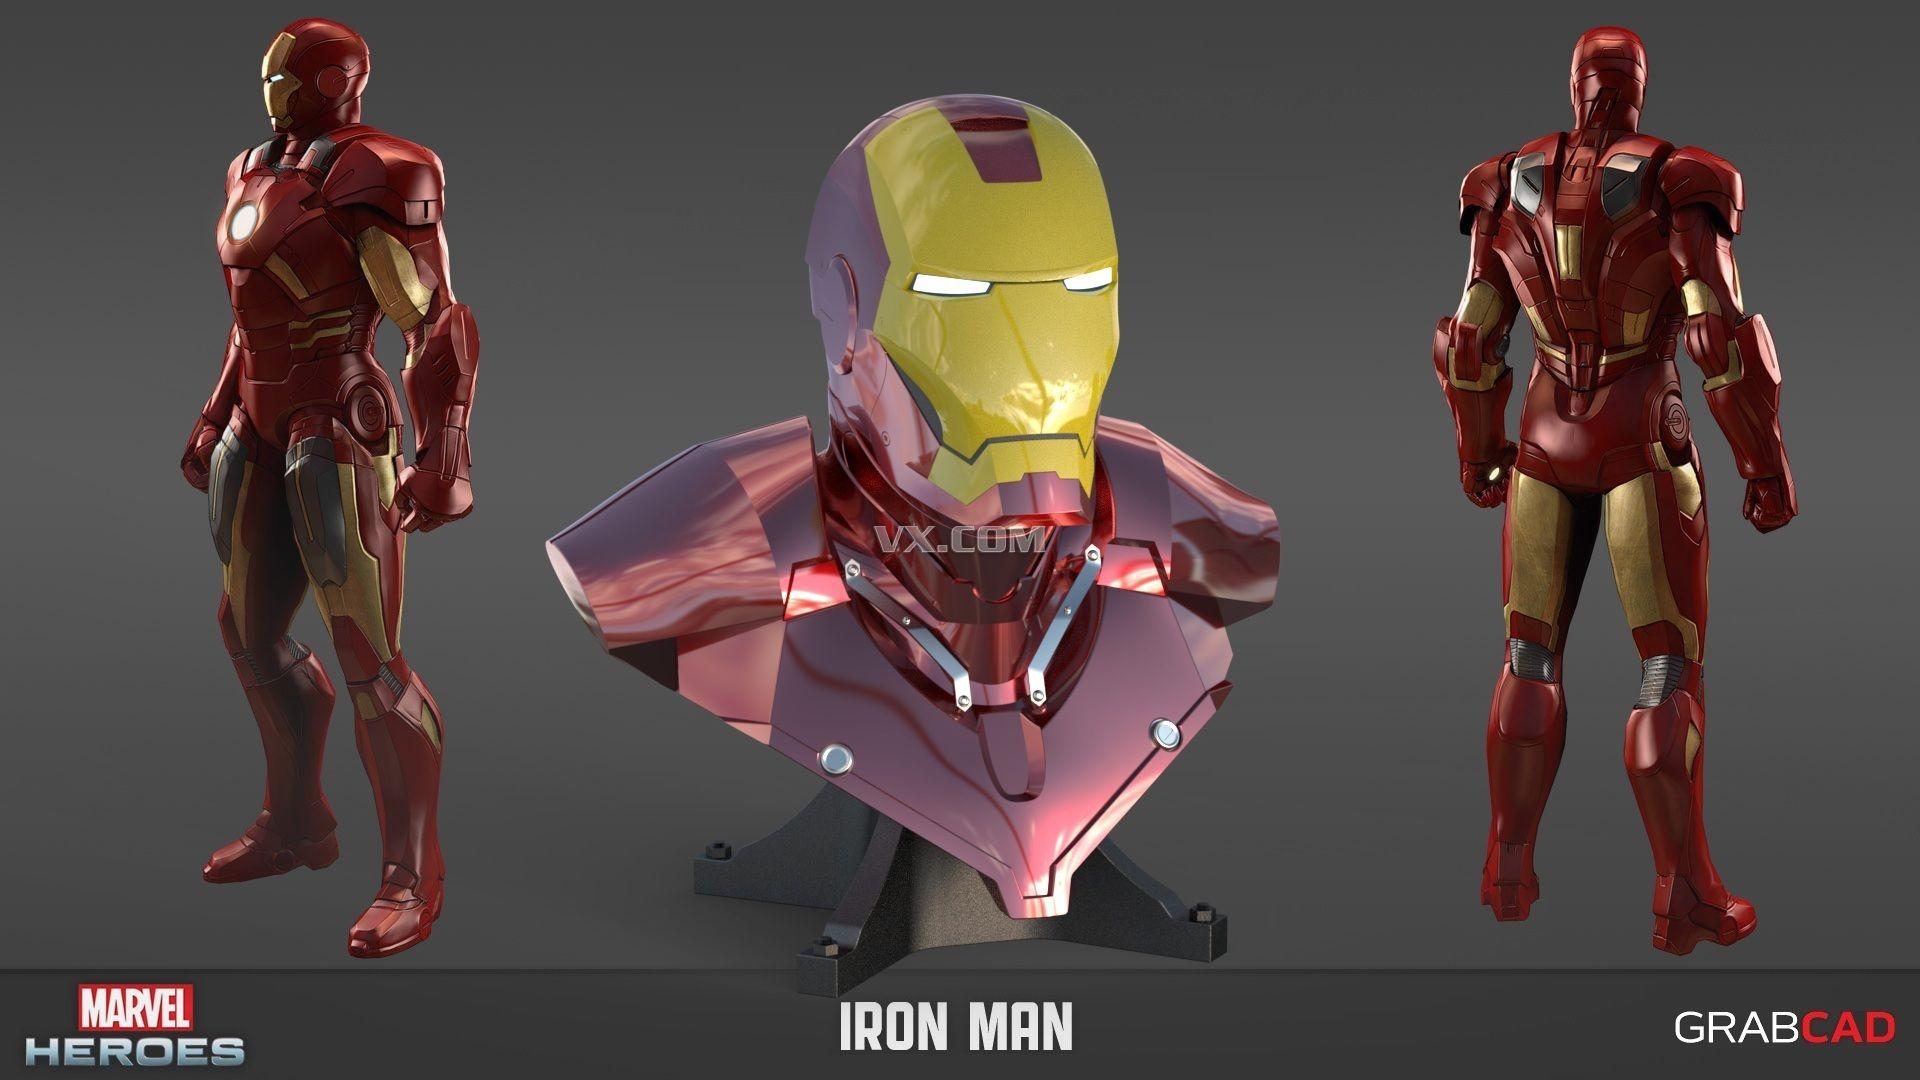 钢铁侠》中的英雄人物.分享个钢铁侠头像3d图纸,iges格式.高清图片